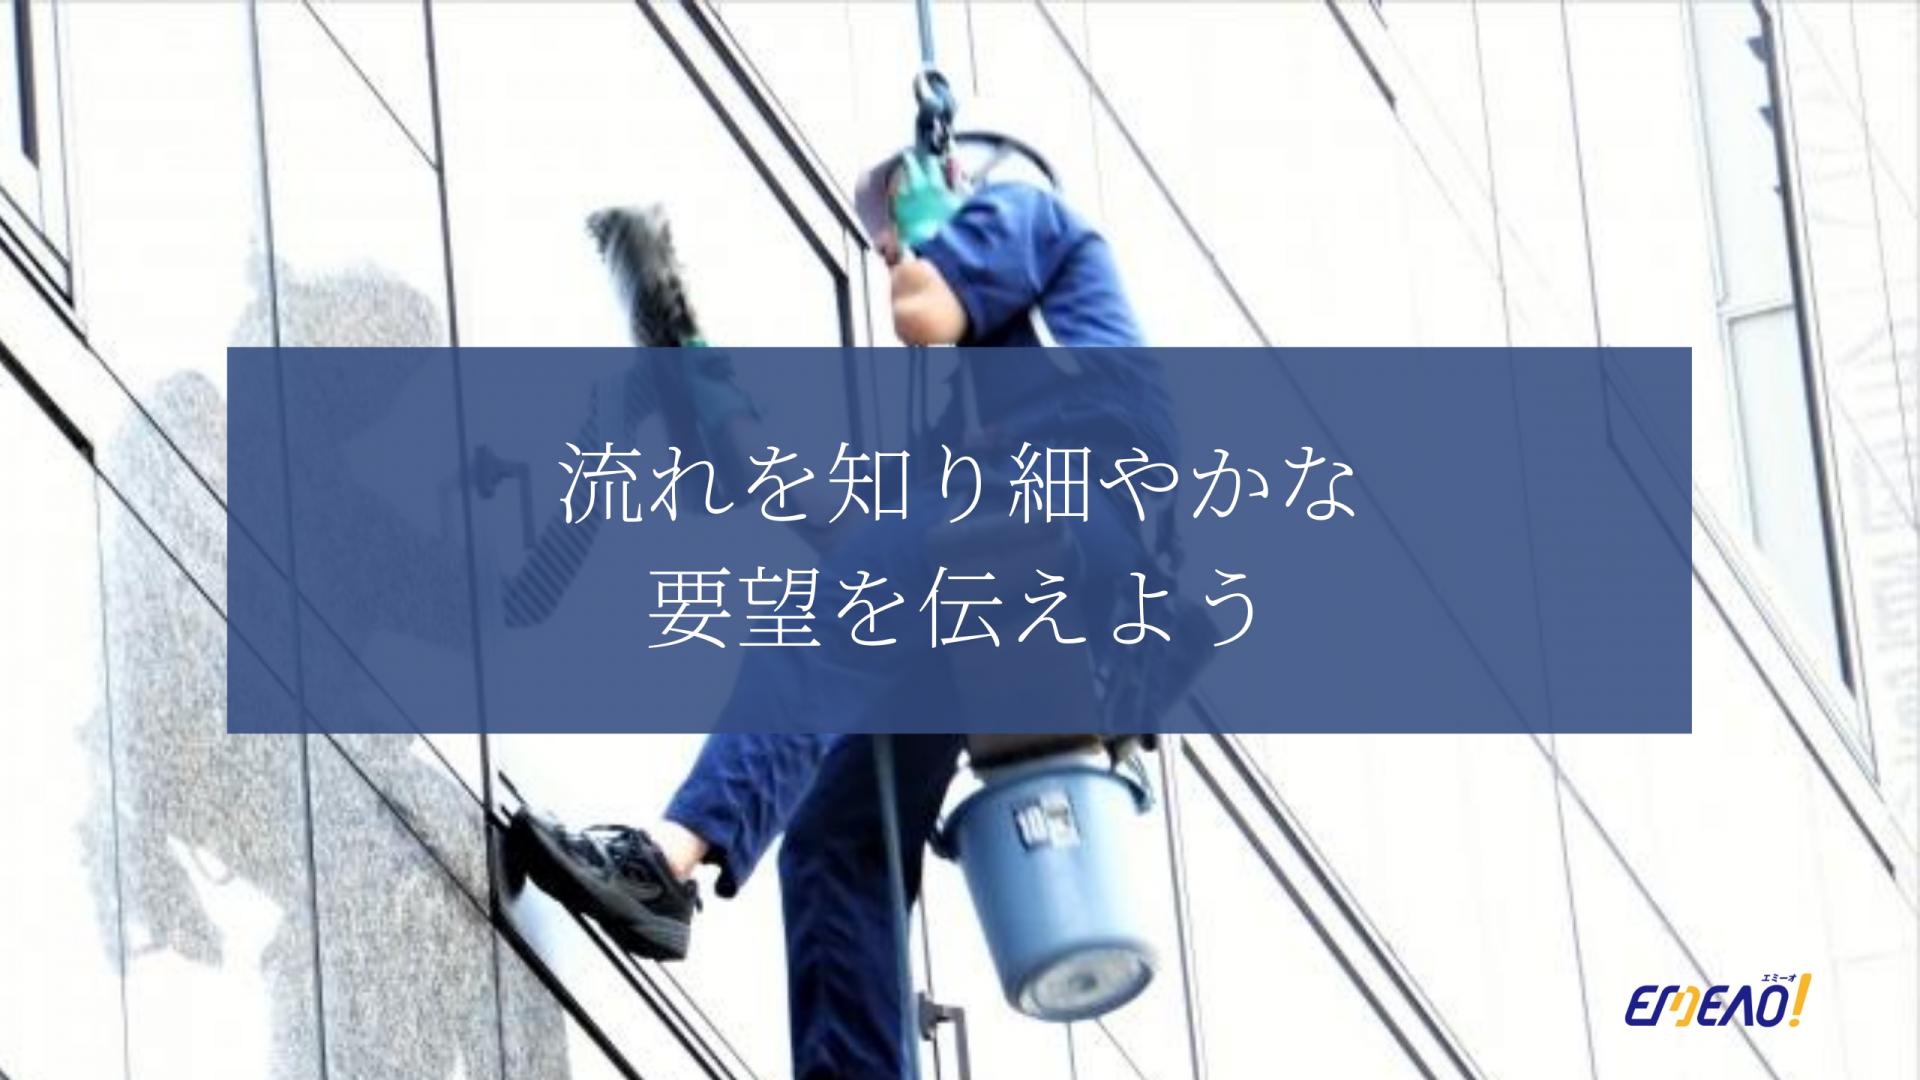 6922dca4effbc705ad0830f4c70b8807 - ビルの窓ガラス掃除の流れと、ガラスの寿命が延びる清掃頻度を紹介